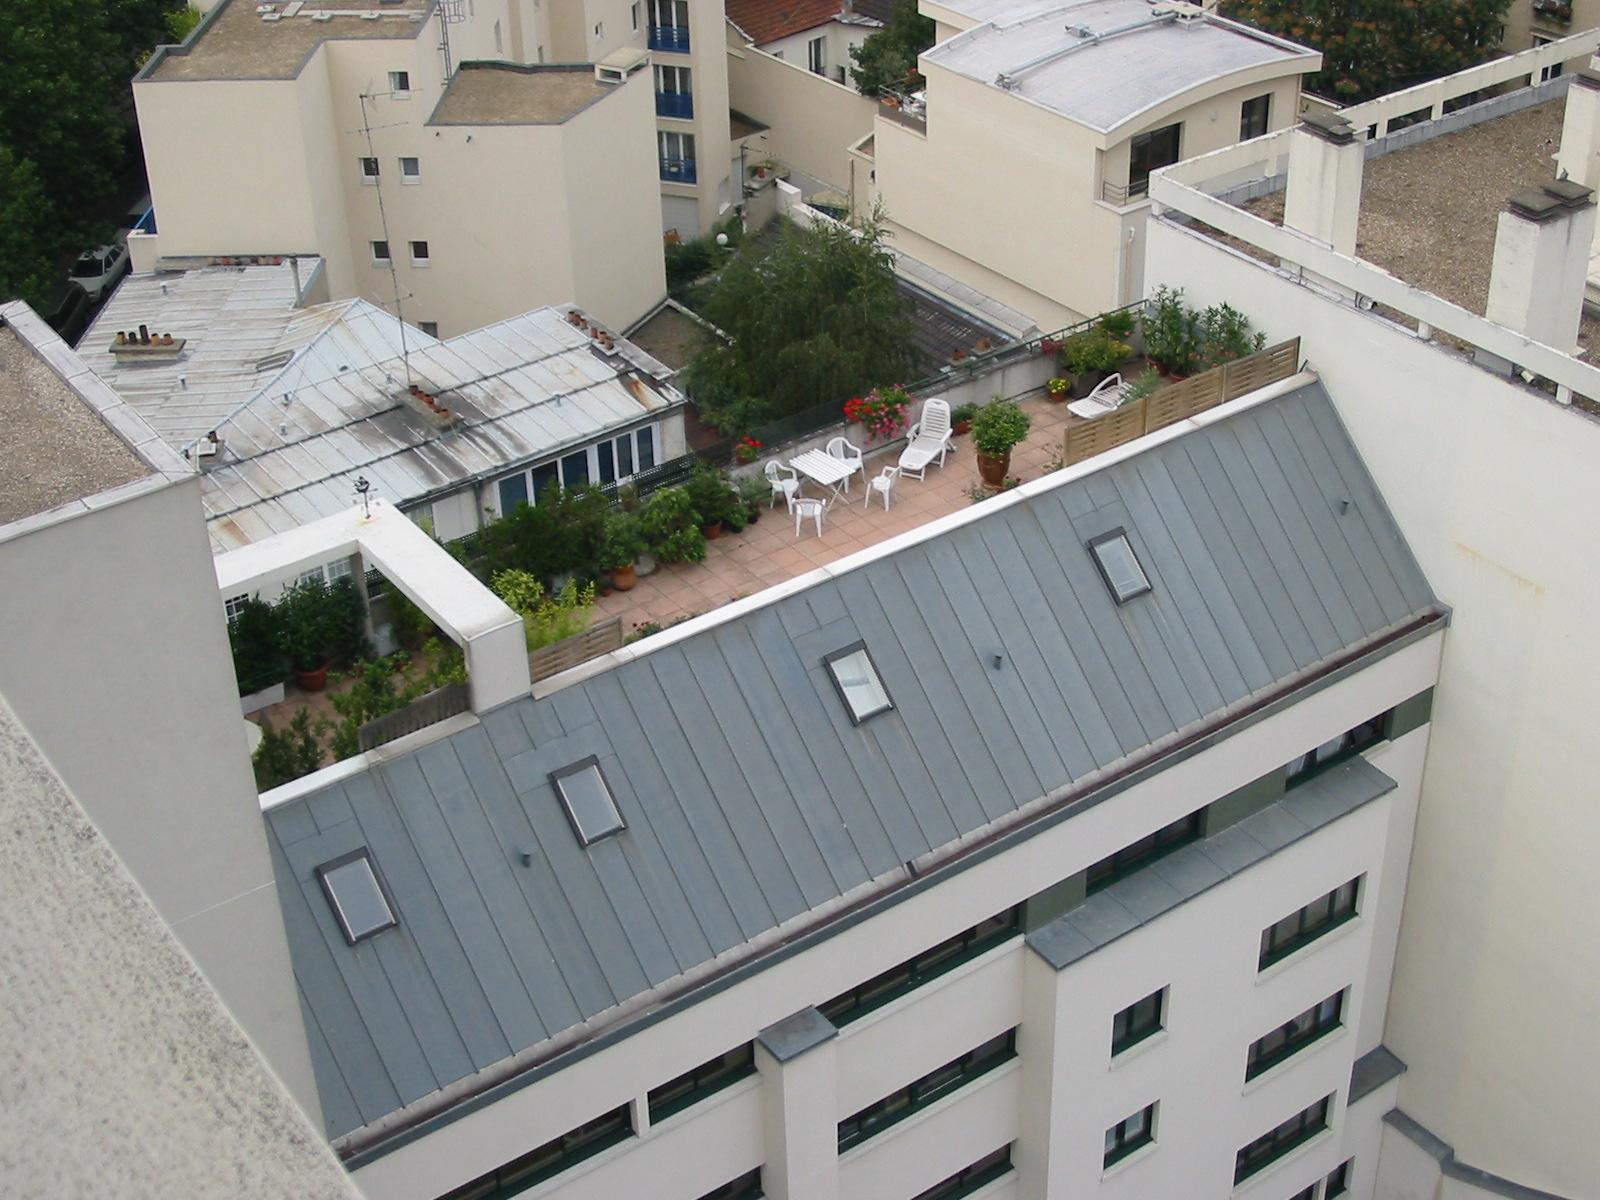 Toit terrasse toit terrasse sur enperdresonlapin for Toit terrasse en bois